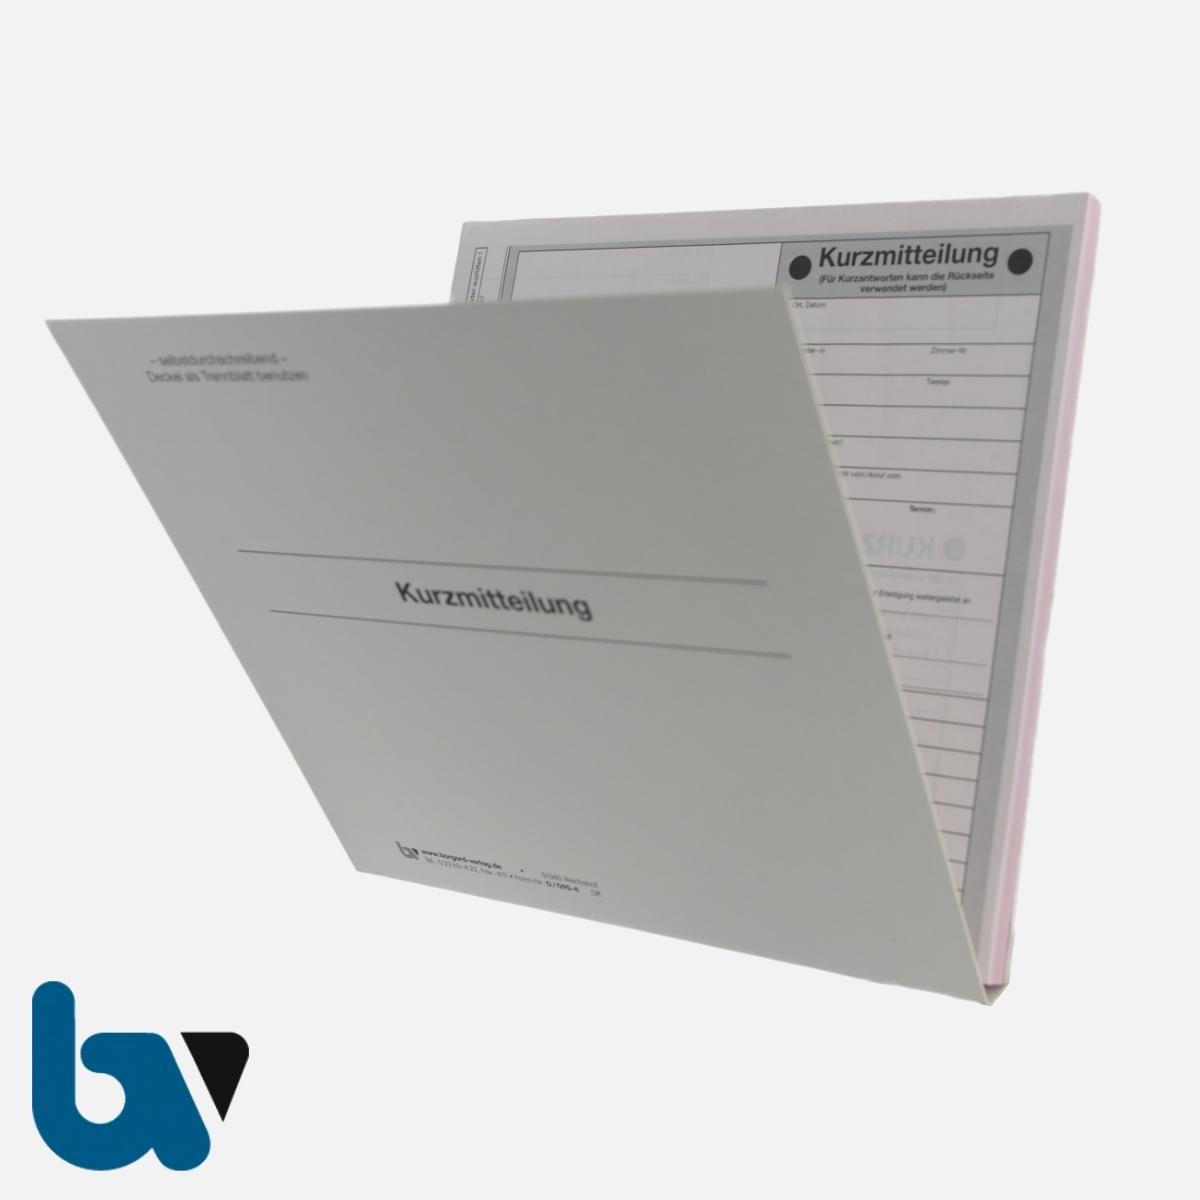 0/095-4 Kurzmitteilung selbstdurchschreibend Einschlagdeckel DIN 20 21 2-fach VS | Borgard Verlag GmbH